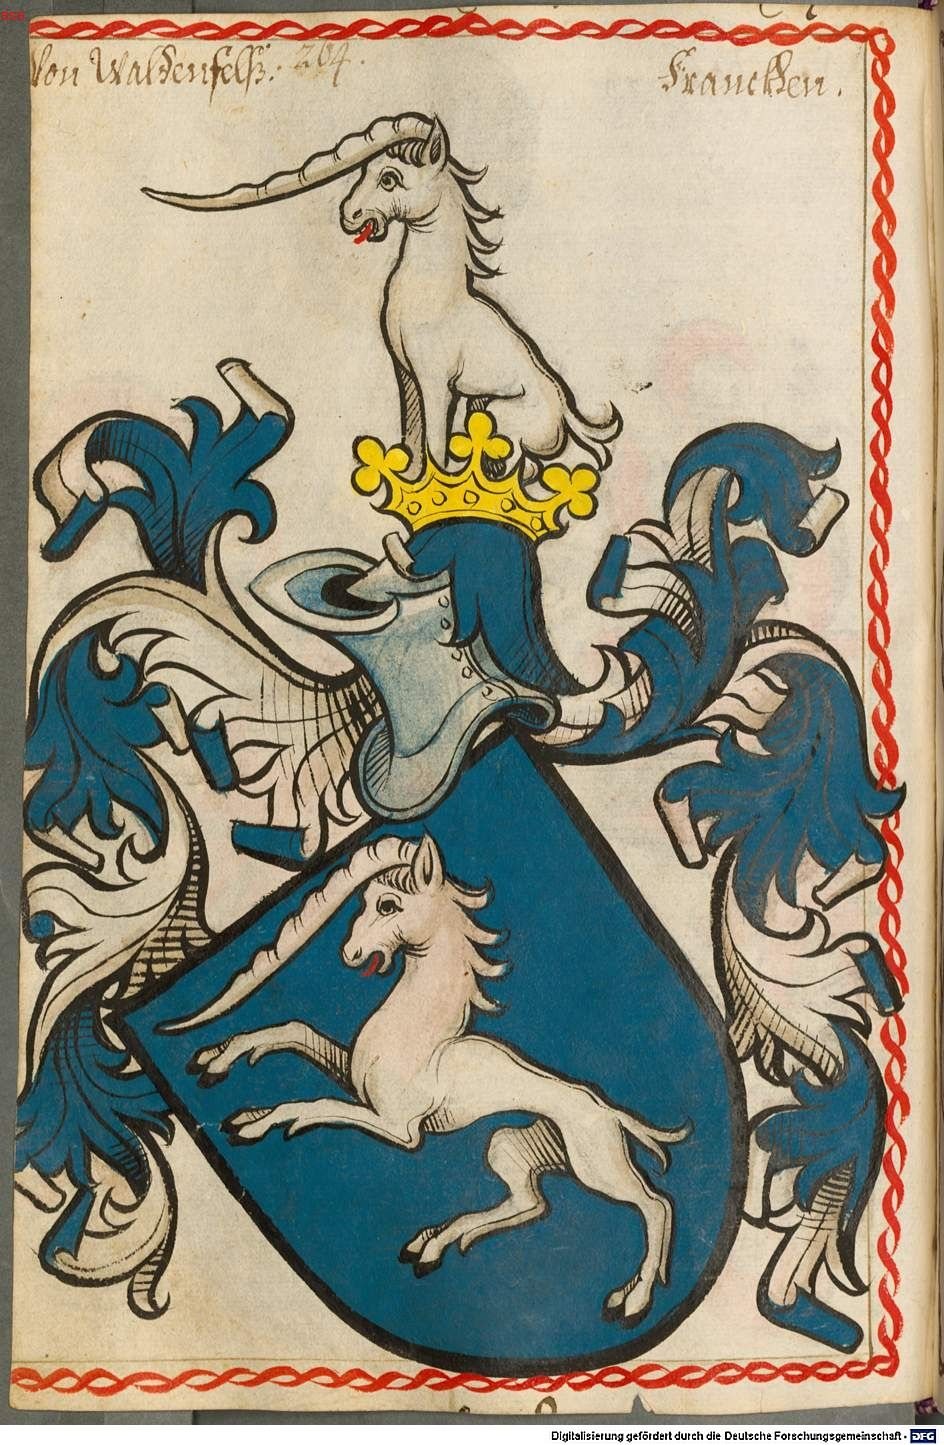 Scheibler'sches Wappenbuch Süddeutschland, um 1450 - 17. Jh. Cod.icon. 312 c  Folio 264